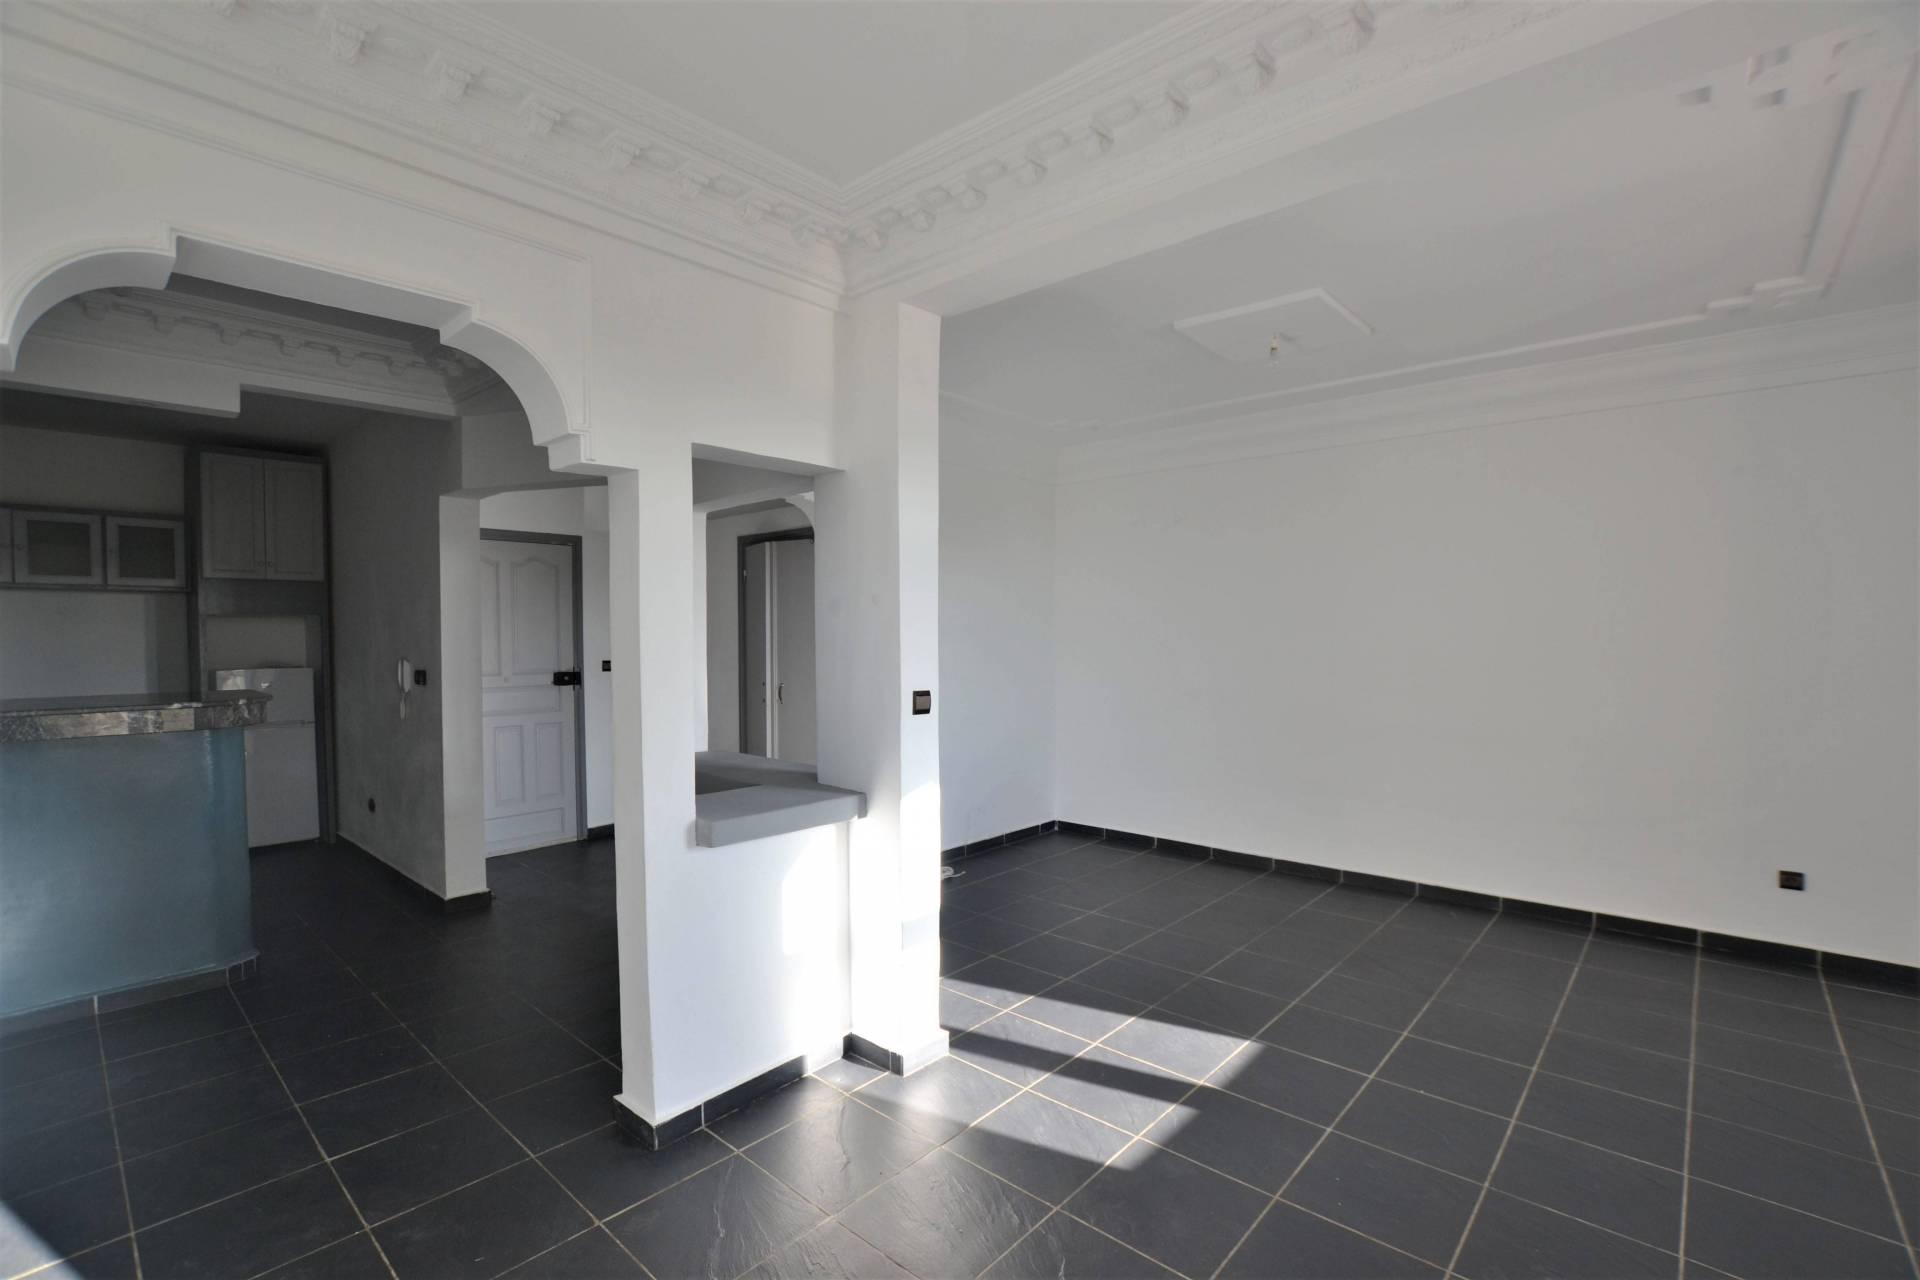 location appartement en vide nouvelle ville Essaouira  (12)